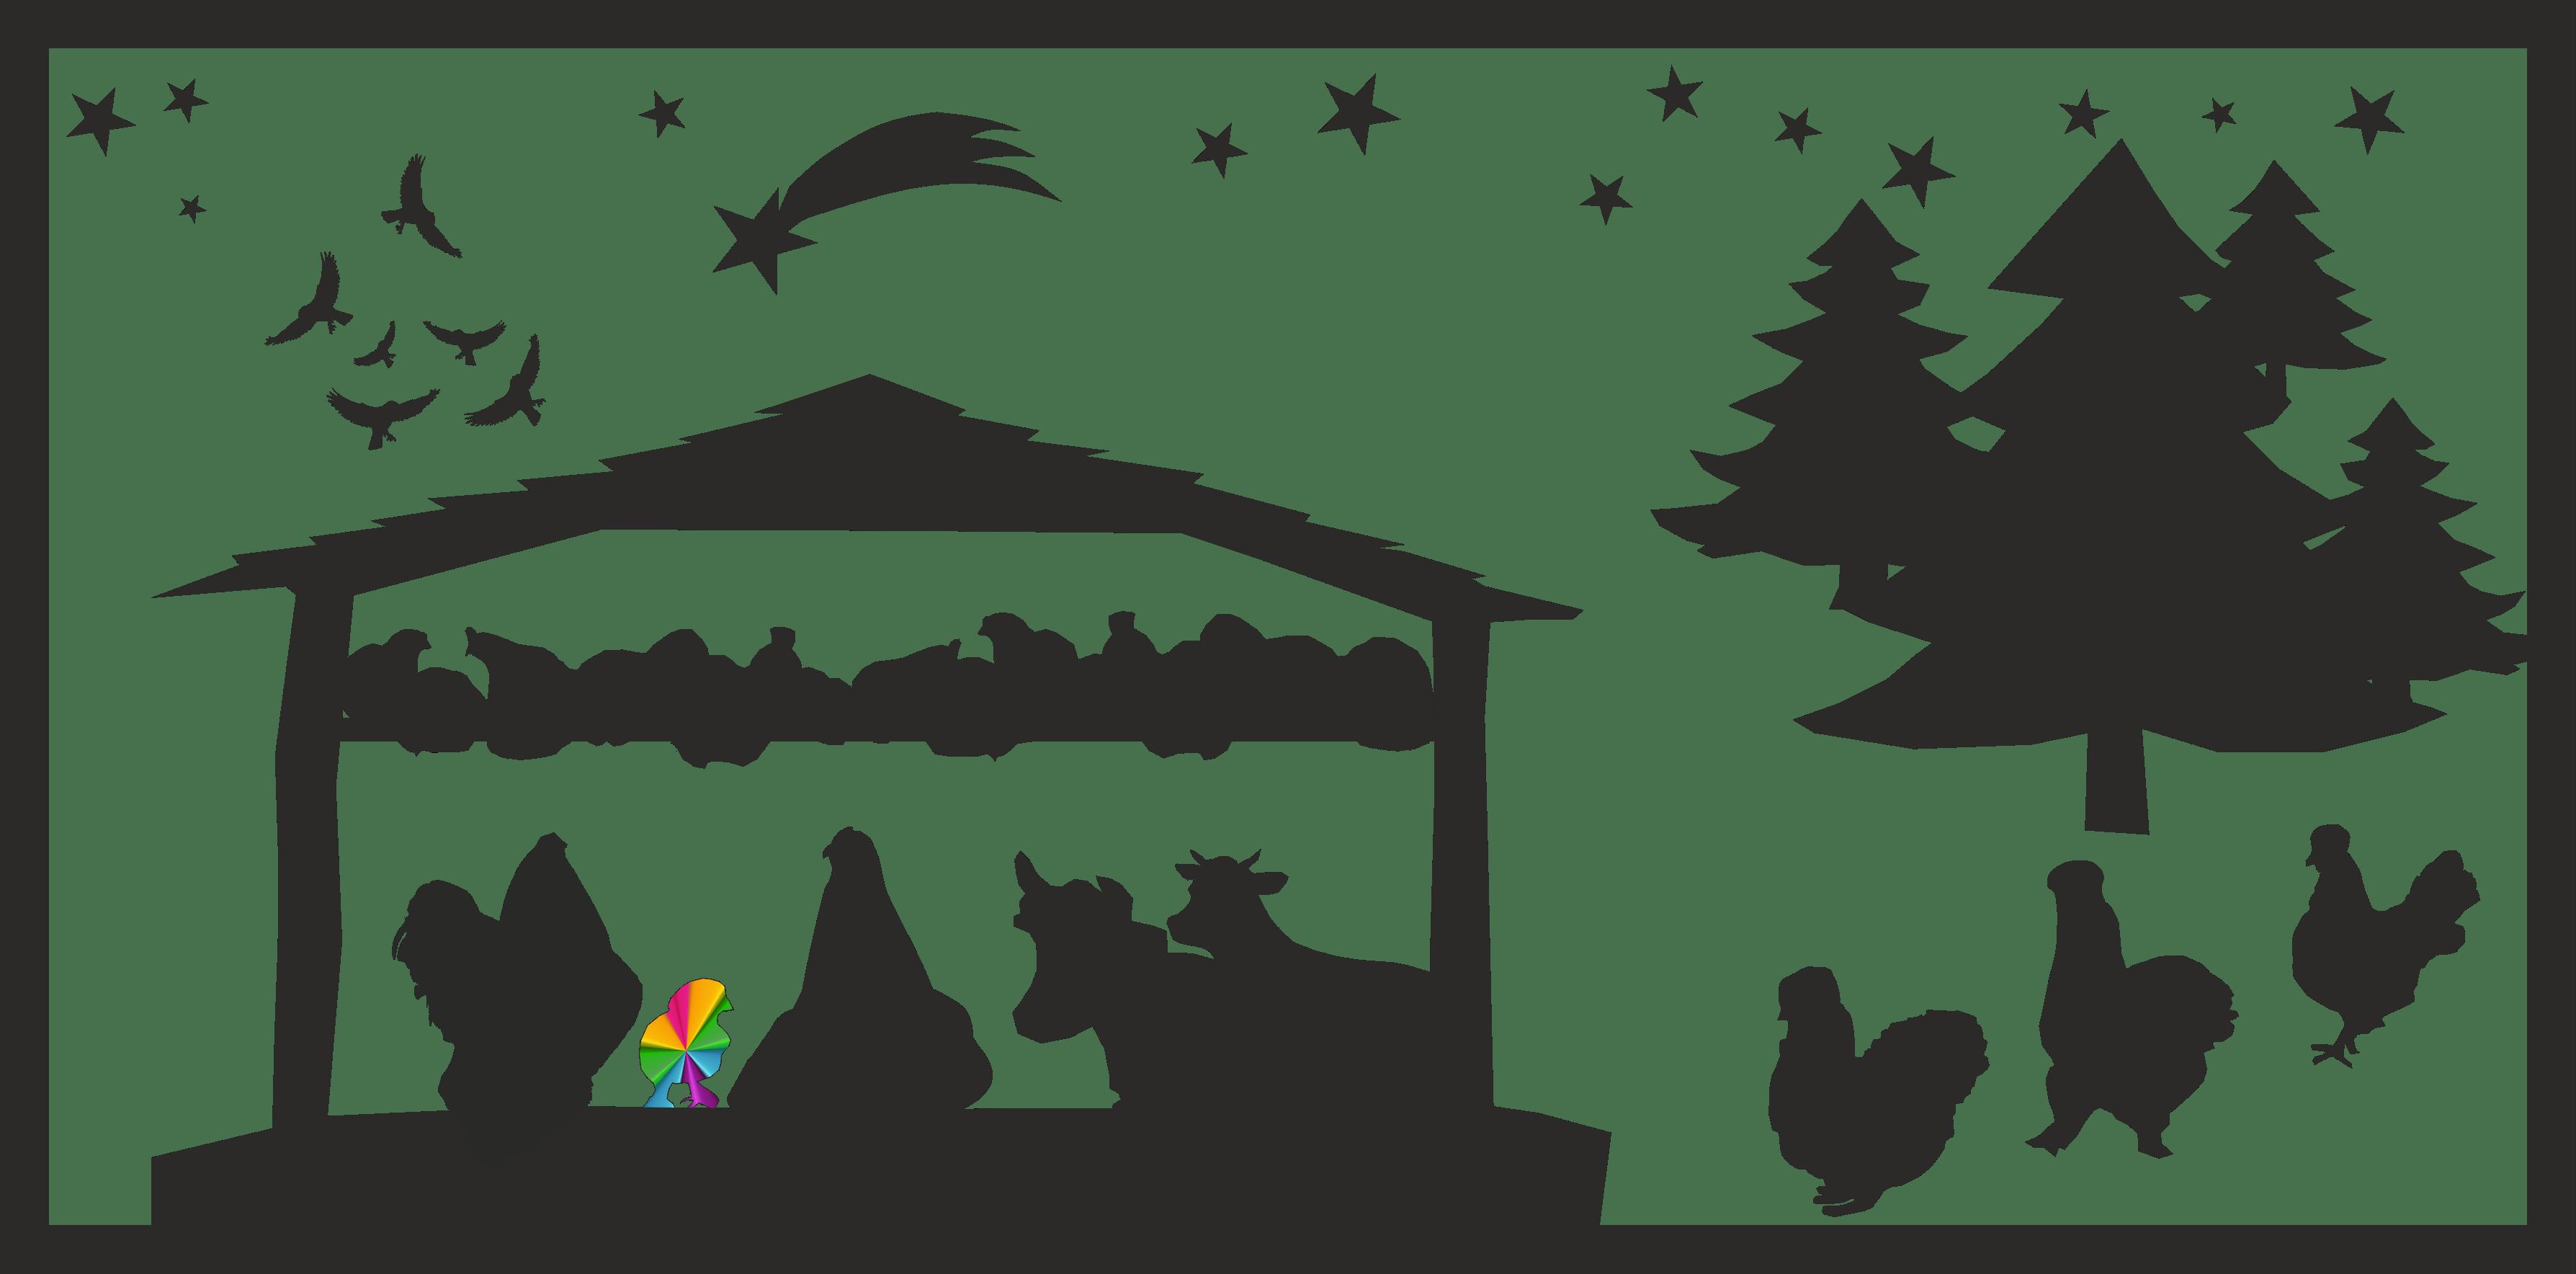 Hühnernachten